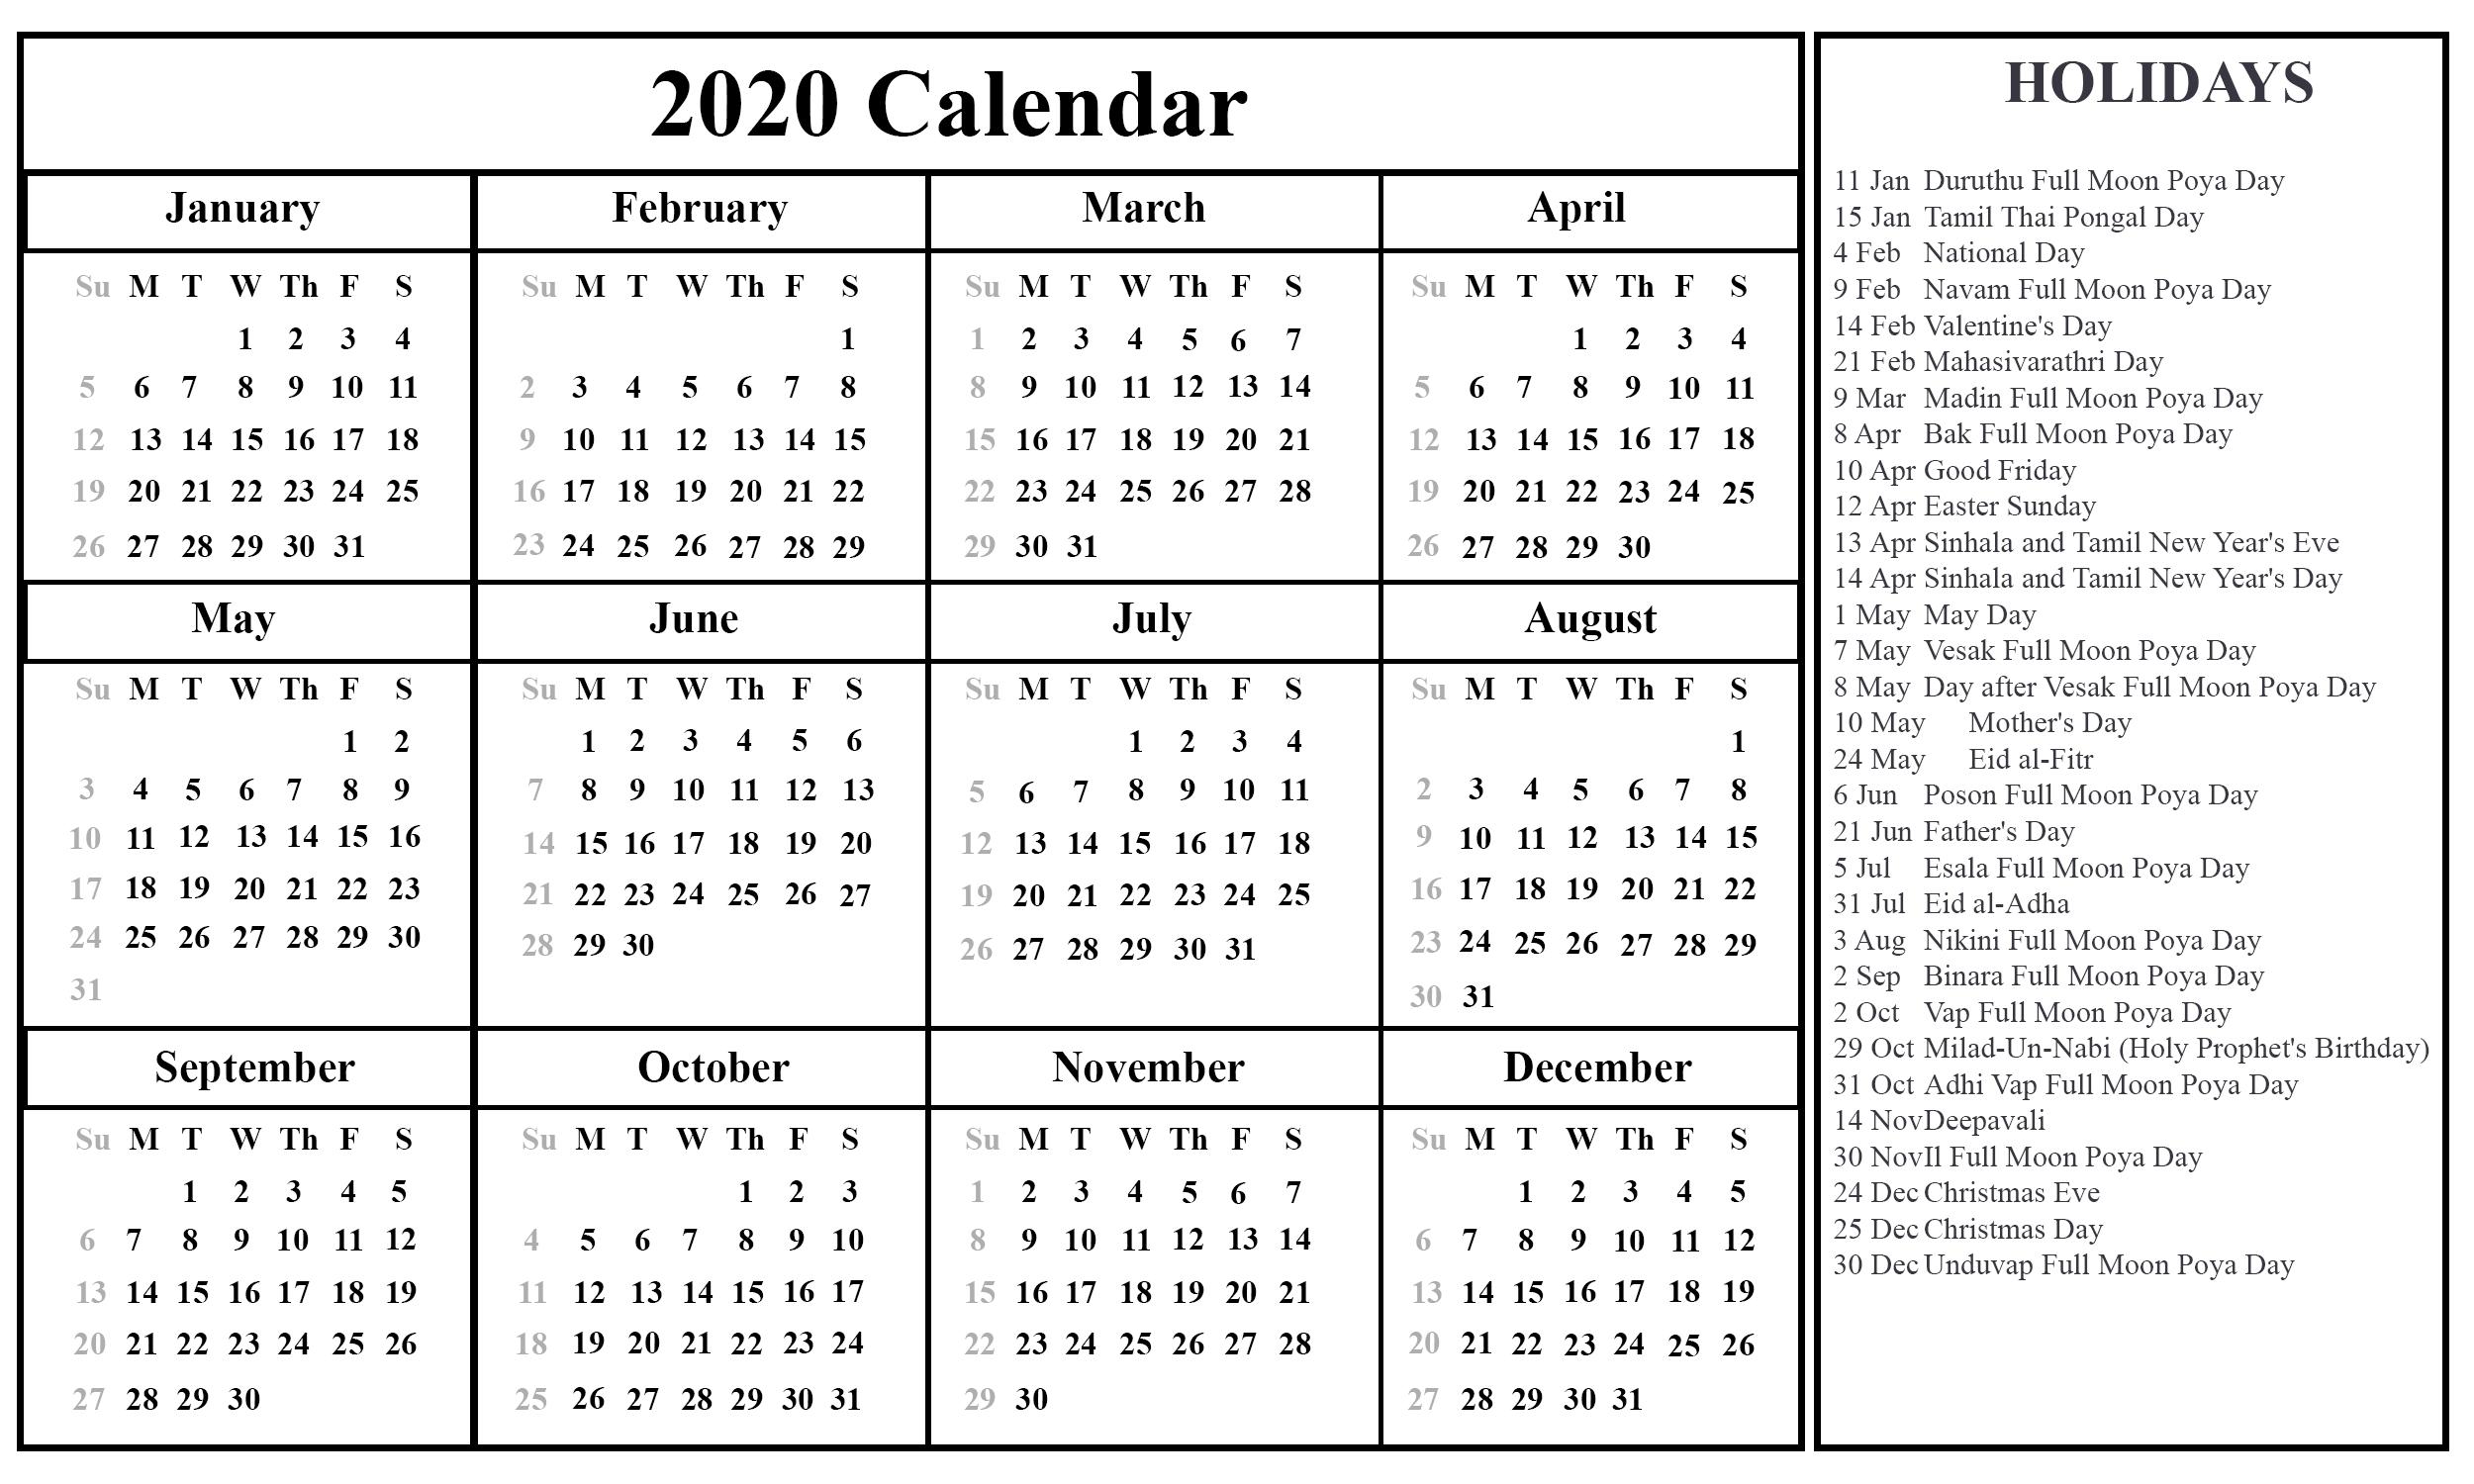 Free Printable Sri Lanka Calendar 2020 With Holidays In Pdf-January 2020 Calendar With Holidays Sri Lanka